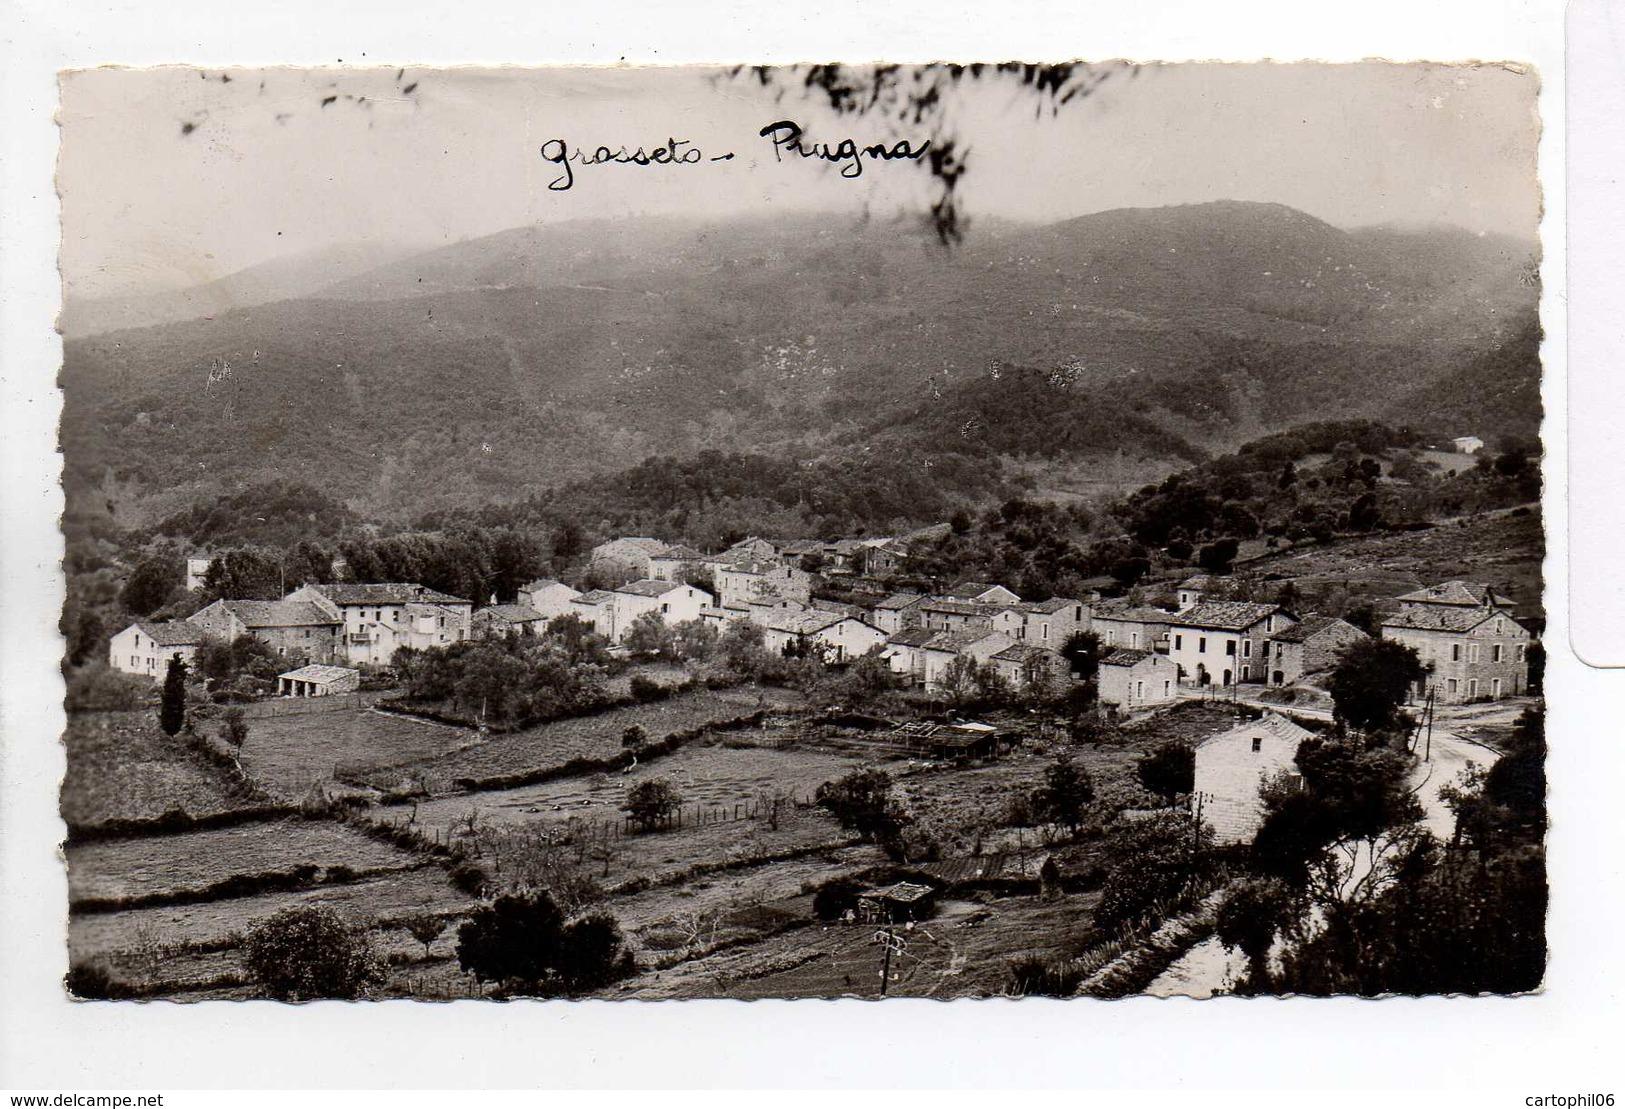 - CPSM GROSSETO-PRUGNA (20) - Vue Générale 1949 - - France